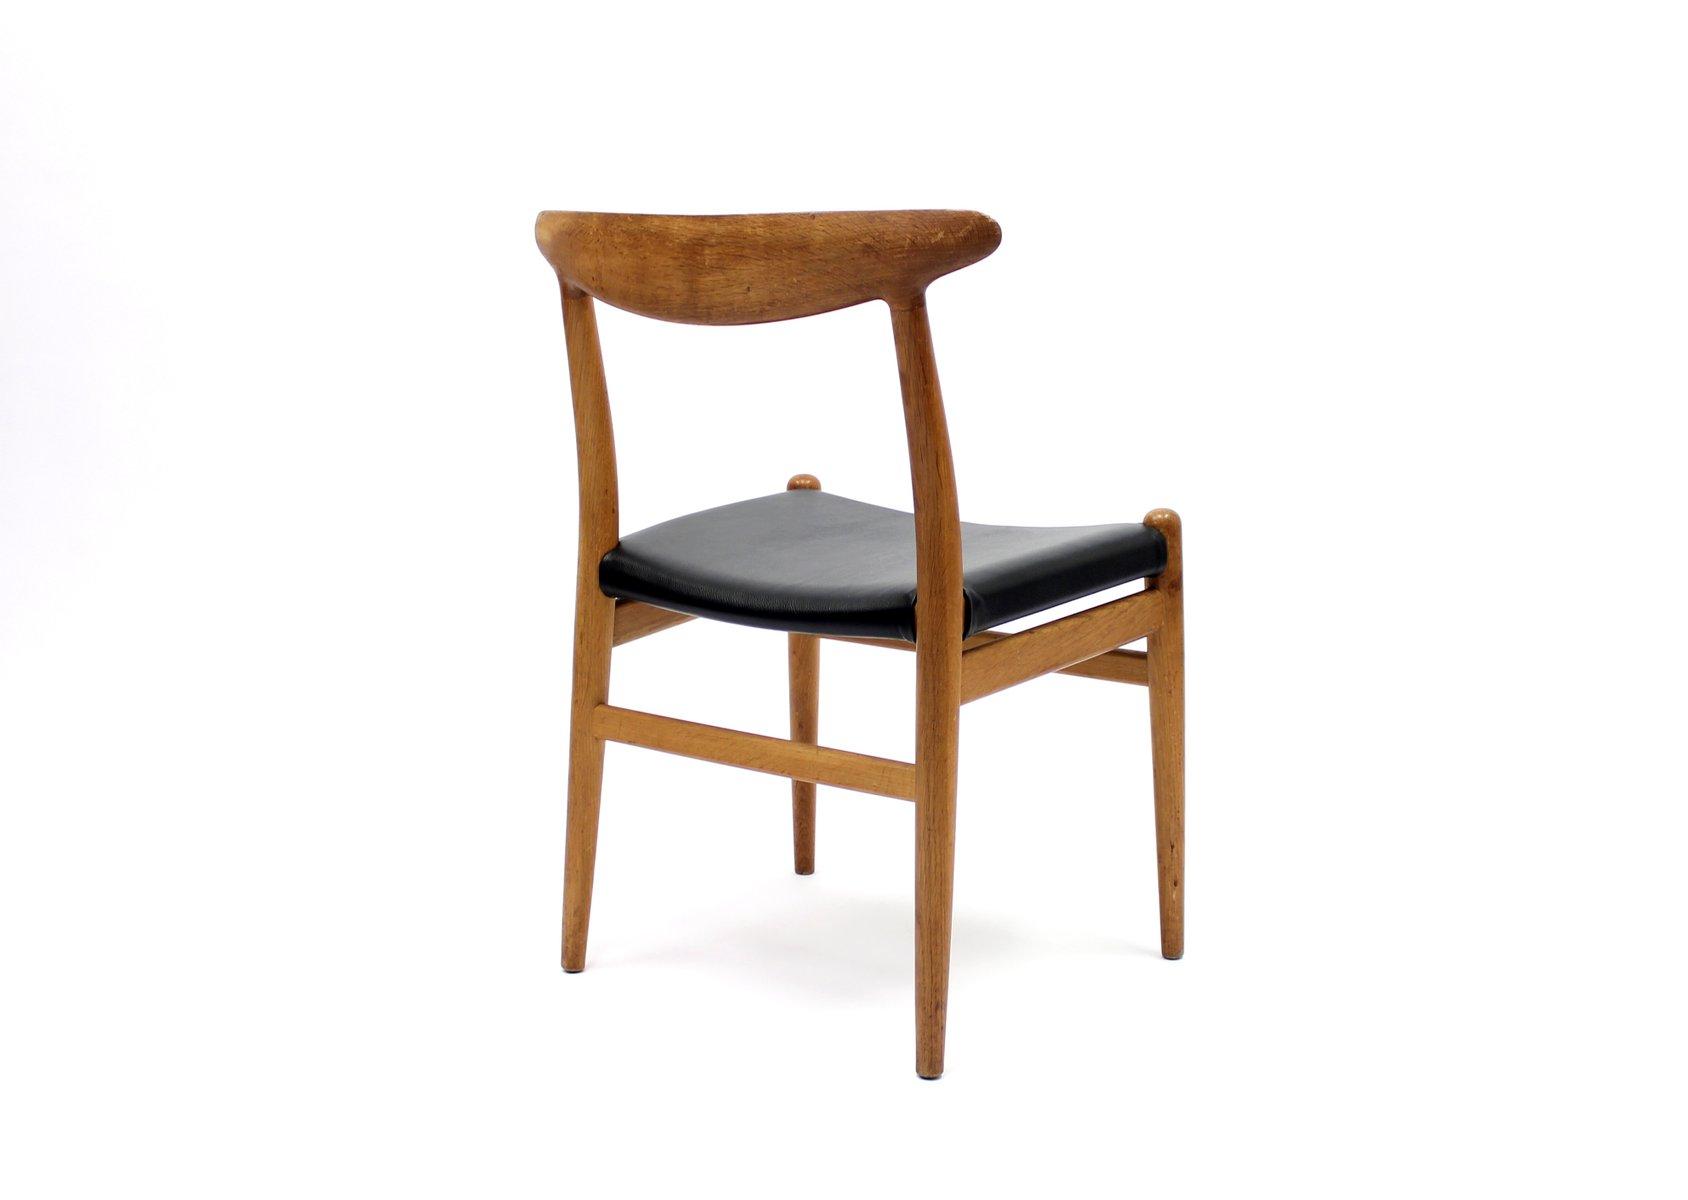 modell w2 stuhl von hans j wegner f r c m madsen 1960er. Black Bedroom Furniture Sets. Home Design Ideas